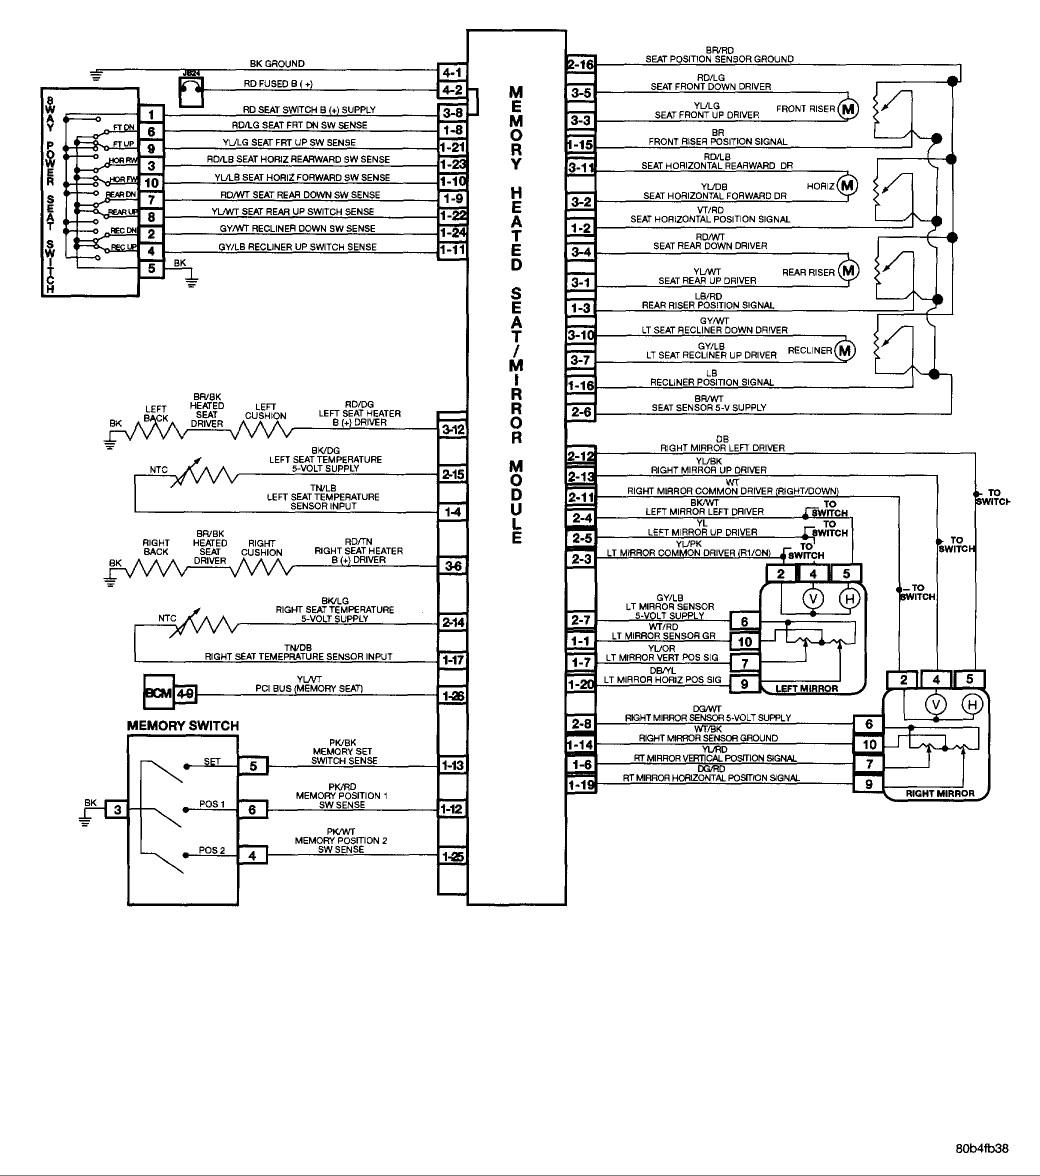 2005 Chrysler Sebring Radio Wiring Diagram | Free Wiring ...